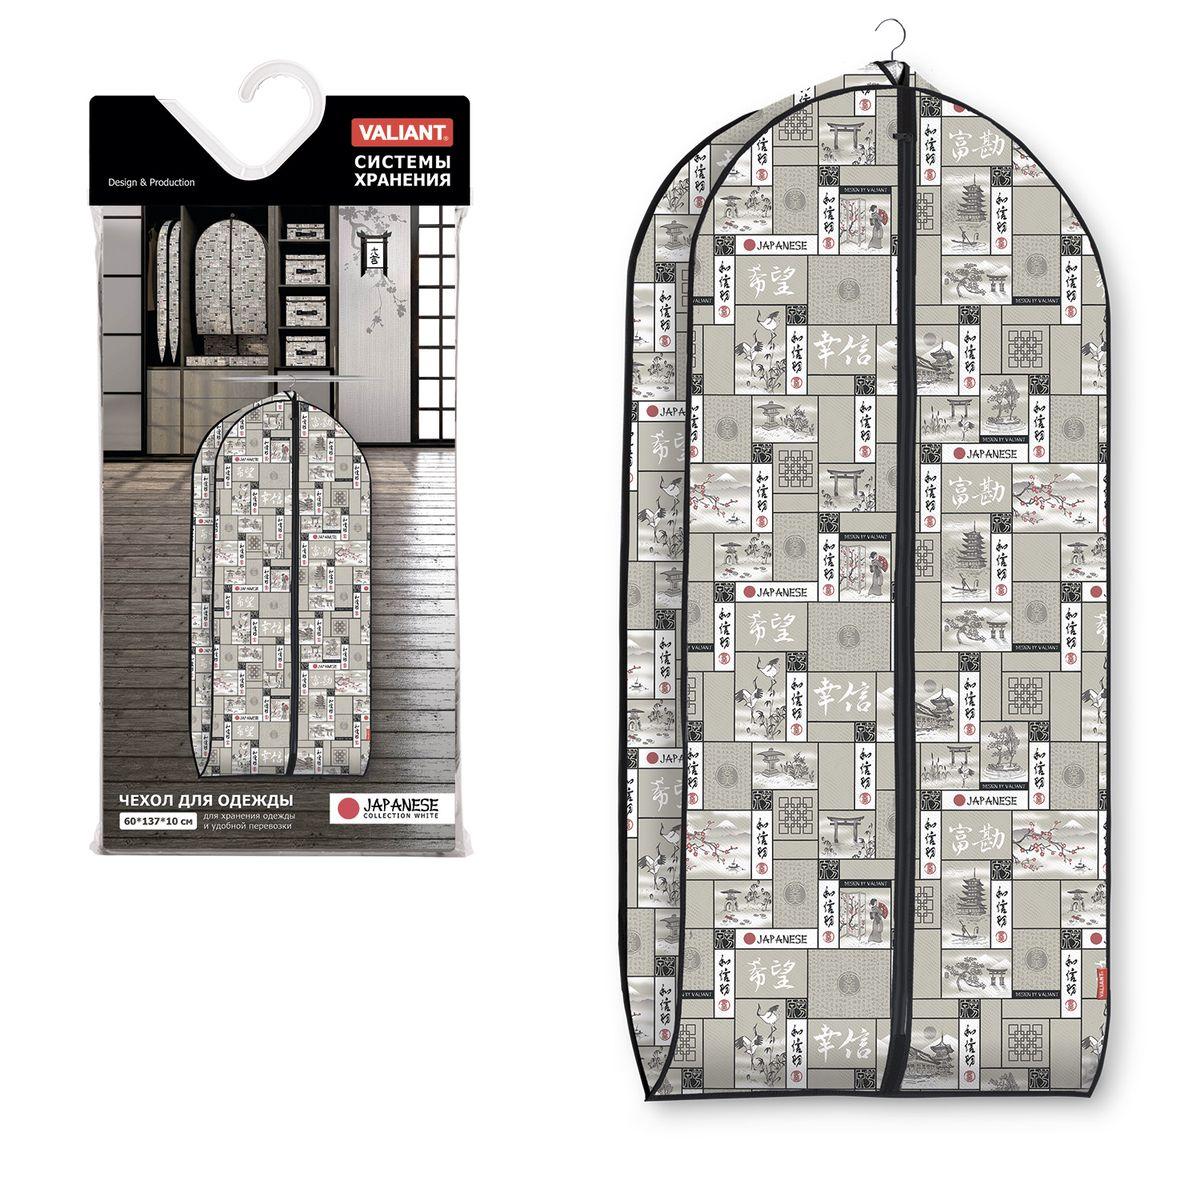 Чехол для одежды Valiant Japanese Black, объемный, 60 х 137 х 10 смBH-UN0502( R)Чехол для одежды Valiant Japanese Black изготовлен из высококачественного нетканого материала (спанбонда), который обеспечивает естественную вентиляцию, позволяя воздуху проникать внутрь, но не пропускает пыль. Чехол очень удобен в использовании. Наличие боковой вставки увеличивает объем чехла, что позволяет хранить крупные объемные вещи. Чехол легко открывается и закрывается застежкой-молнией. Идеально подойдет для хранения одежды и удобной перевозки. Система хранения Japanese Black создаст трогательную атмосферу романтического настроения в женском гардеробе. Оригинальный дизайн придется по вкусу ценительницам эстетичного хранения. Системы хранения в едином дизайне сделают вашу гардеробную изысканной и невероятно стильной.